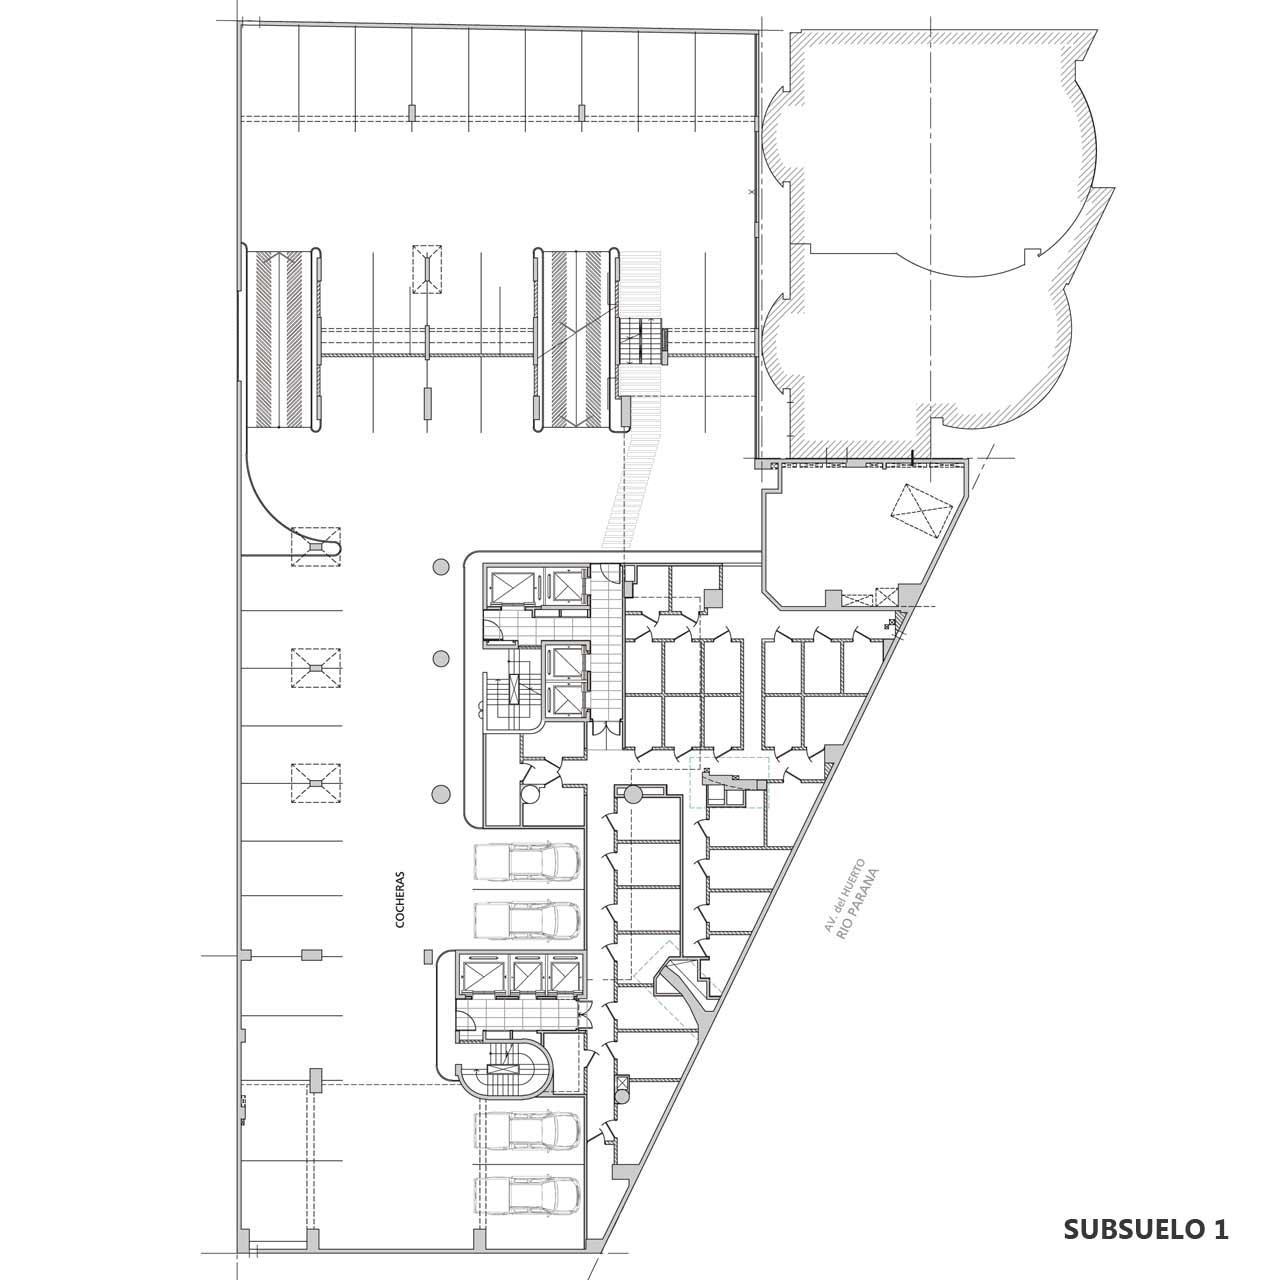 Venta departamento 1 dormitorio Rosario, Centro. Cod CBU16316 AP2269397. Crestale Propiedades